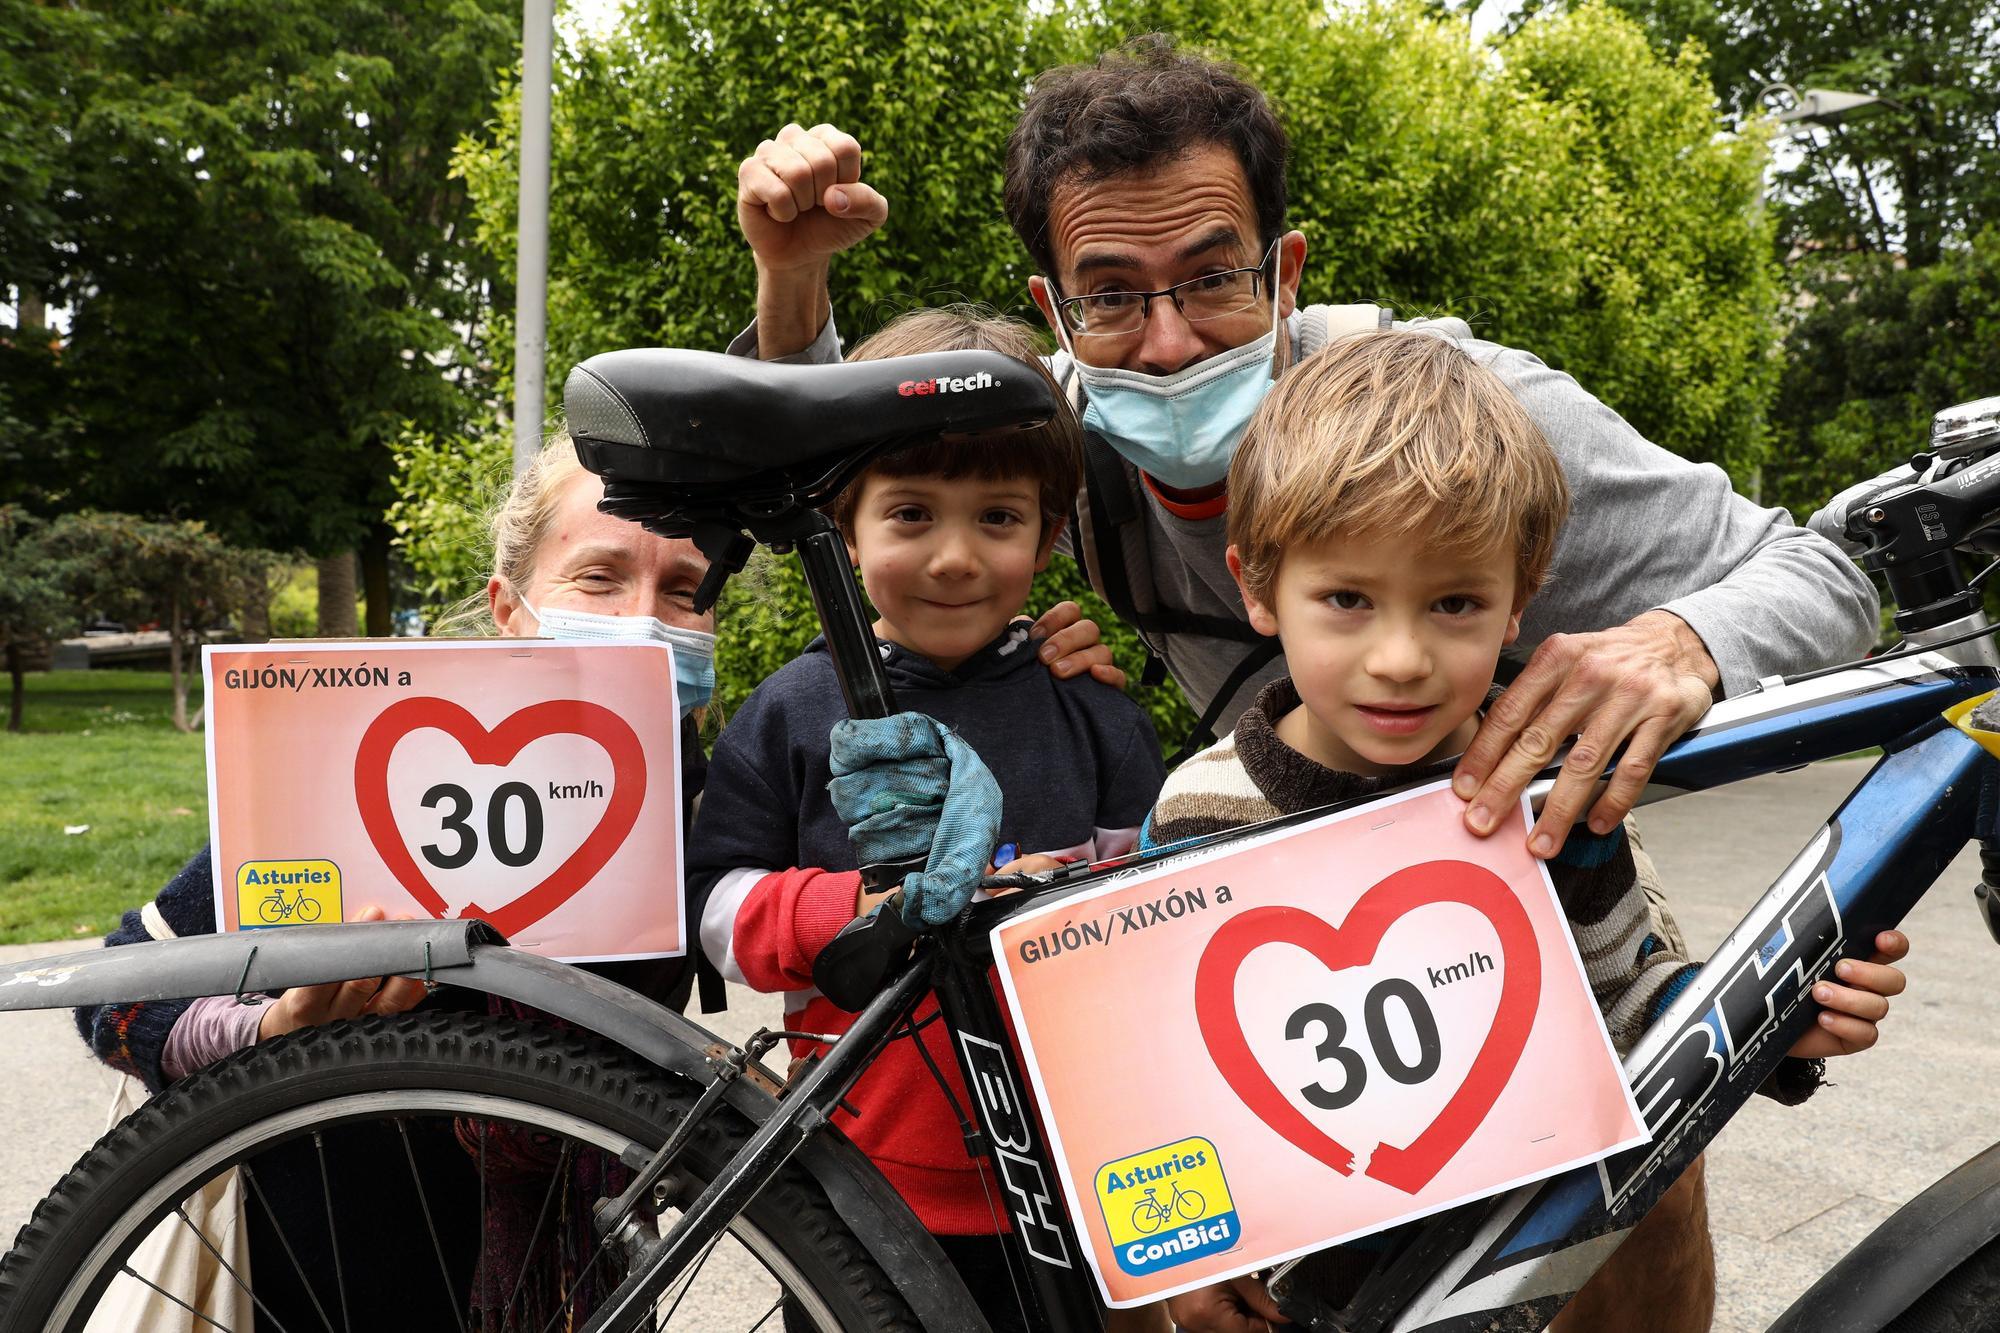 Concentración ciclista en Gijón en apoyo a la limitación de 30 km/h